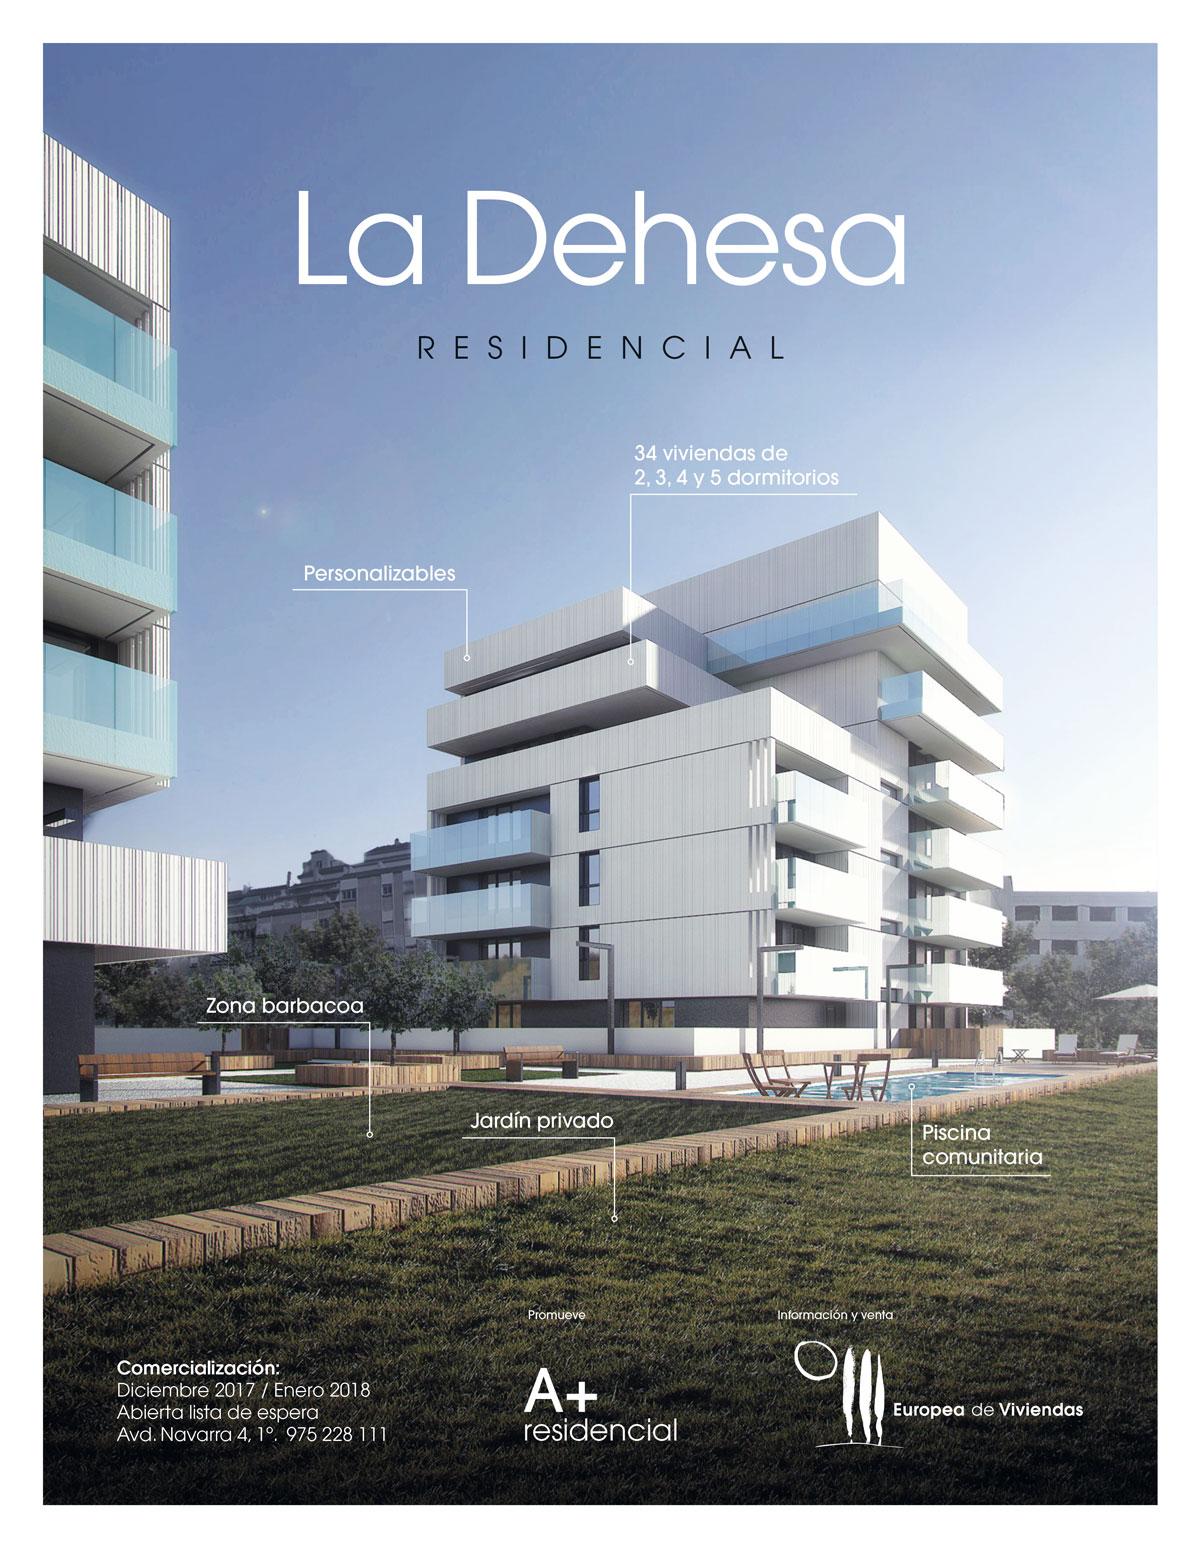 La Dehesa Residencial